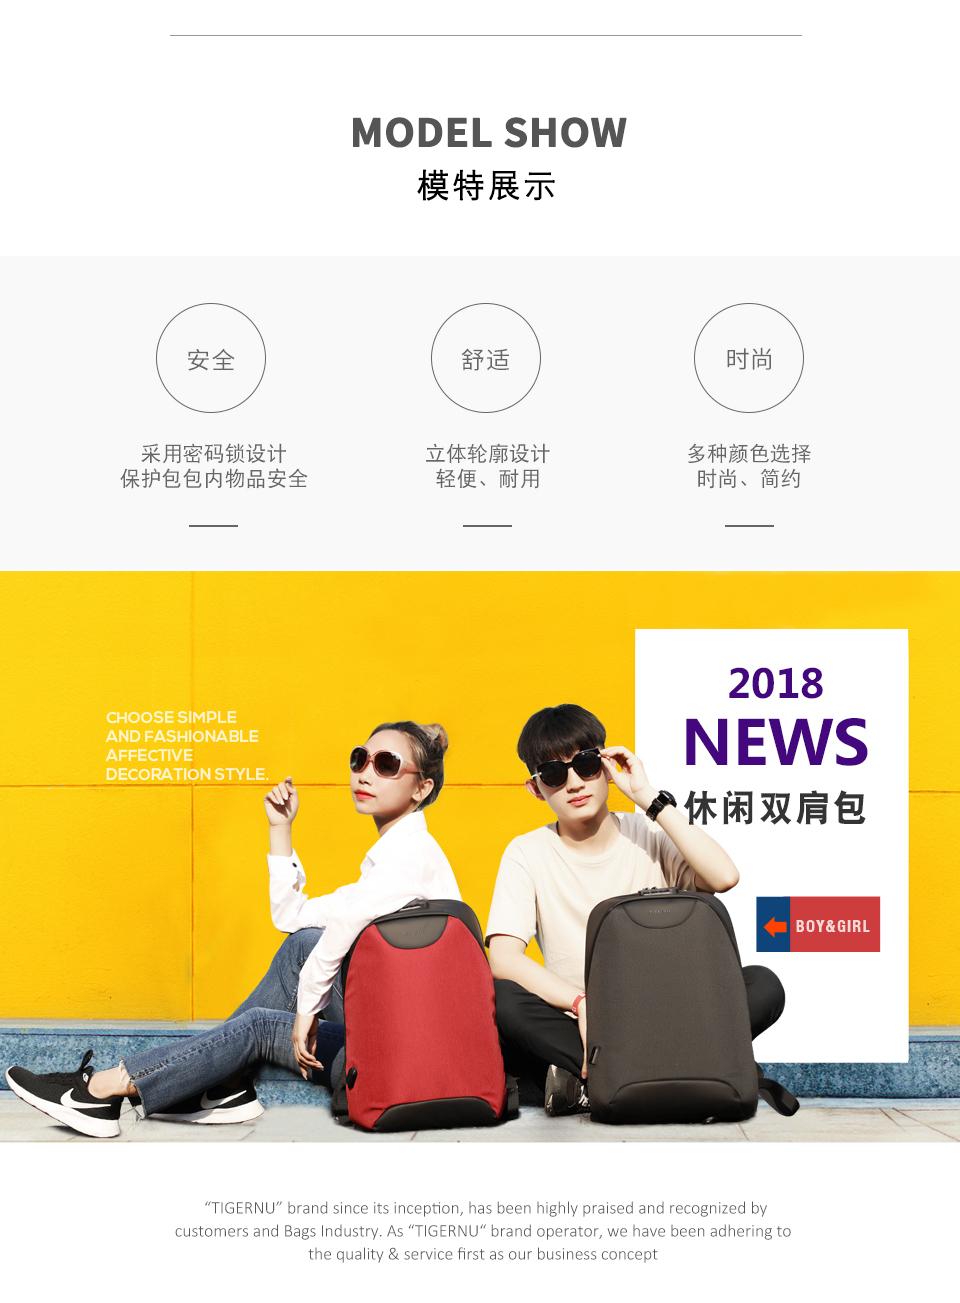 T-B3611中文改USB、改锁_09.jpg